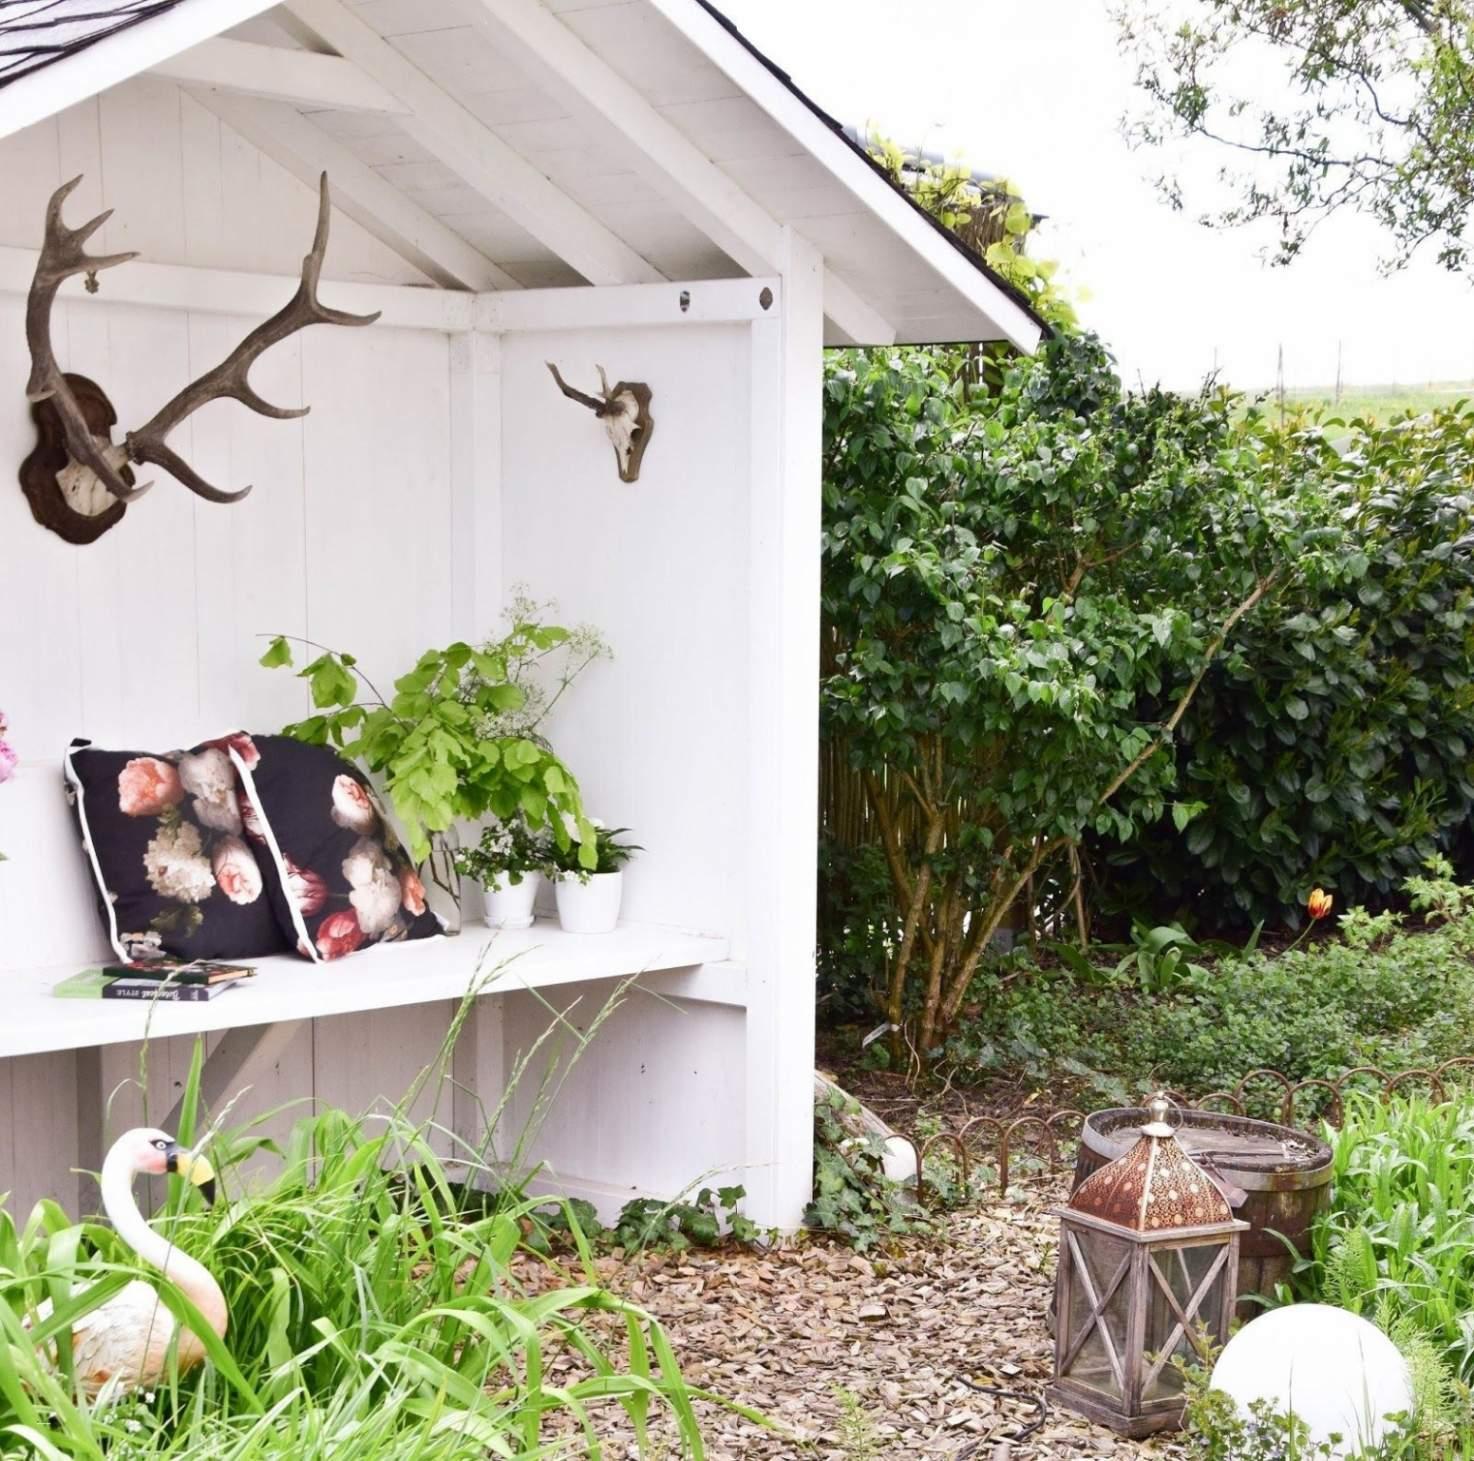 Dekoration Für Garten Frisch Deko Draußen Selber Machen — Temobardz Home Blog